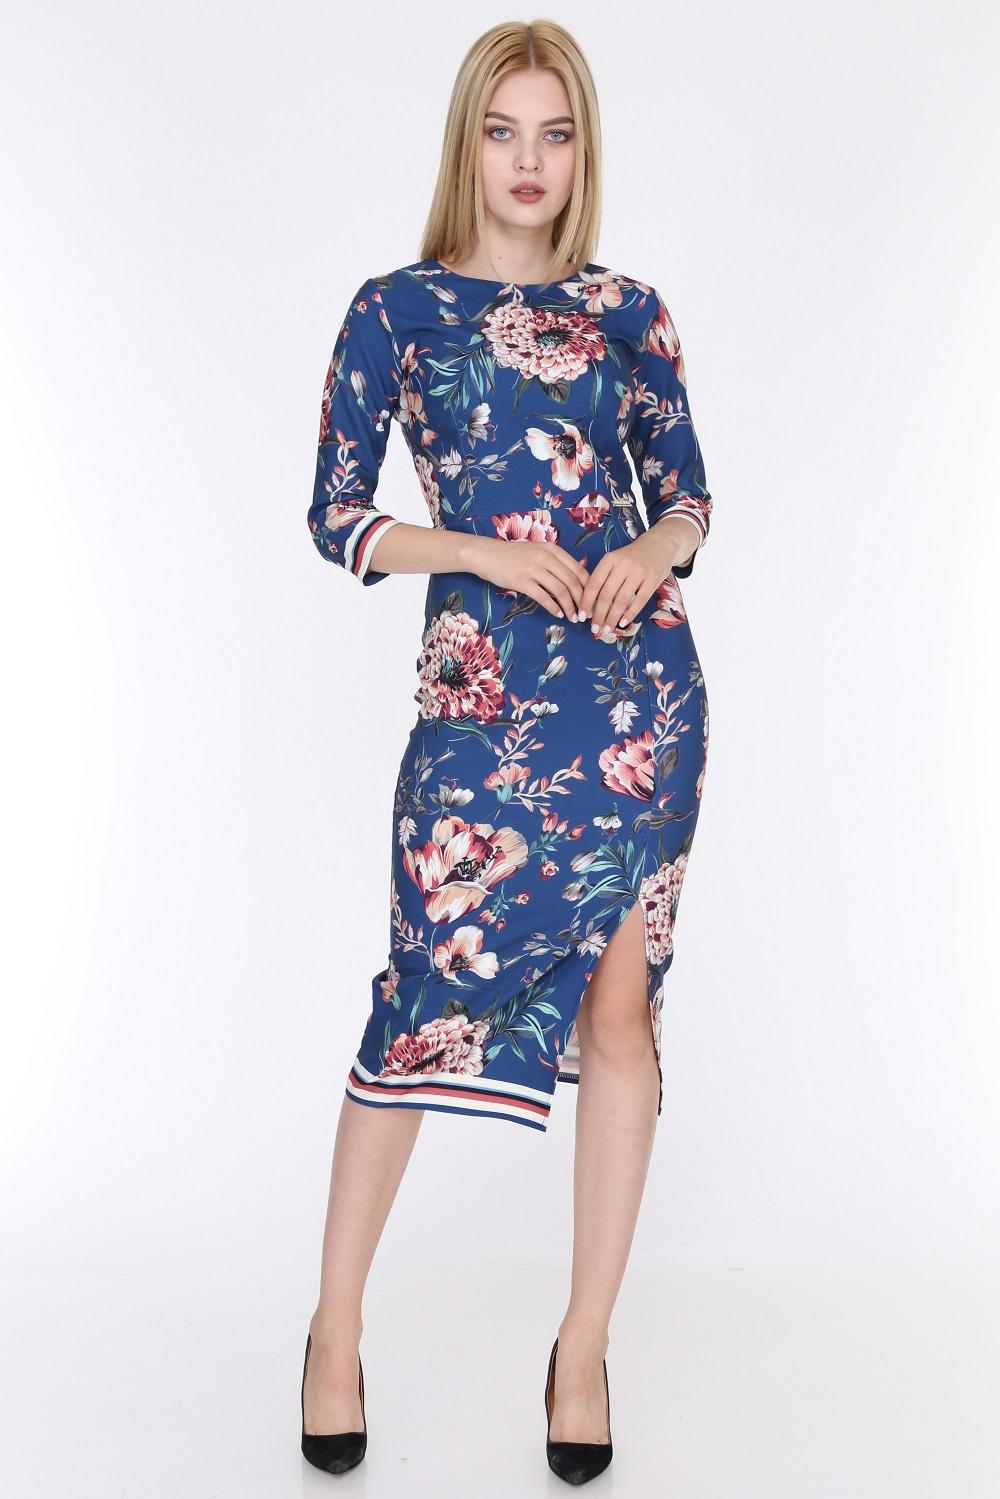 Floral Patterned Slit Blue Color Dress